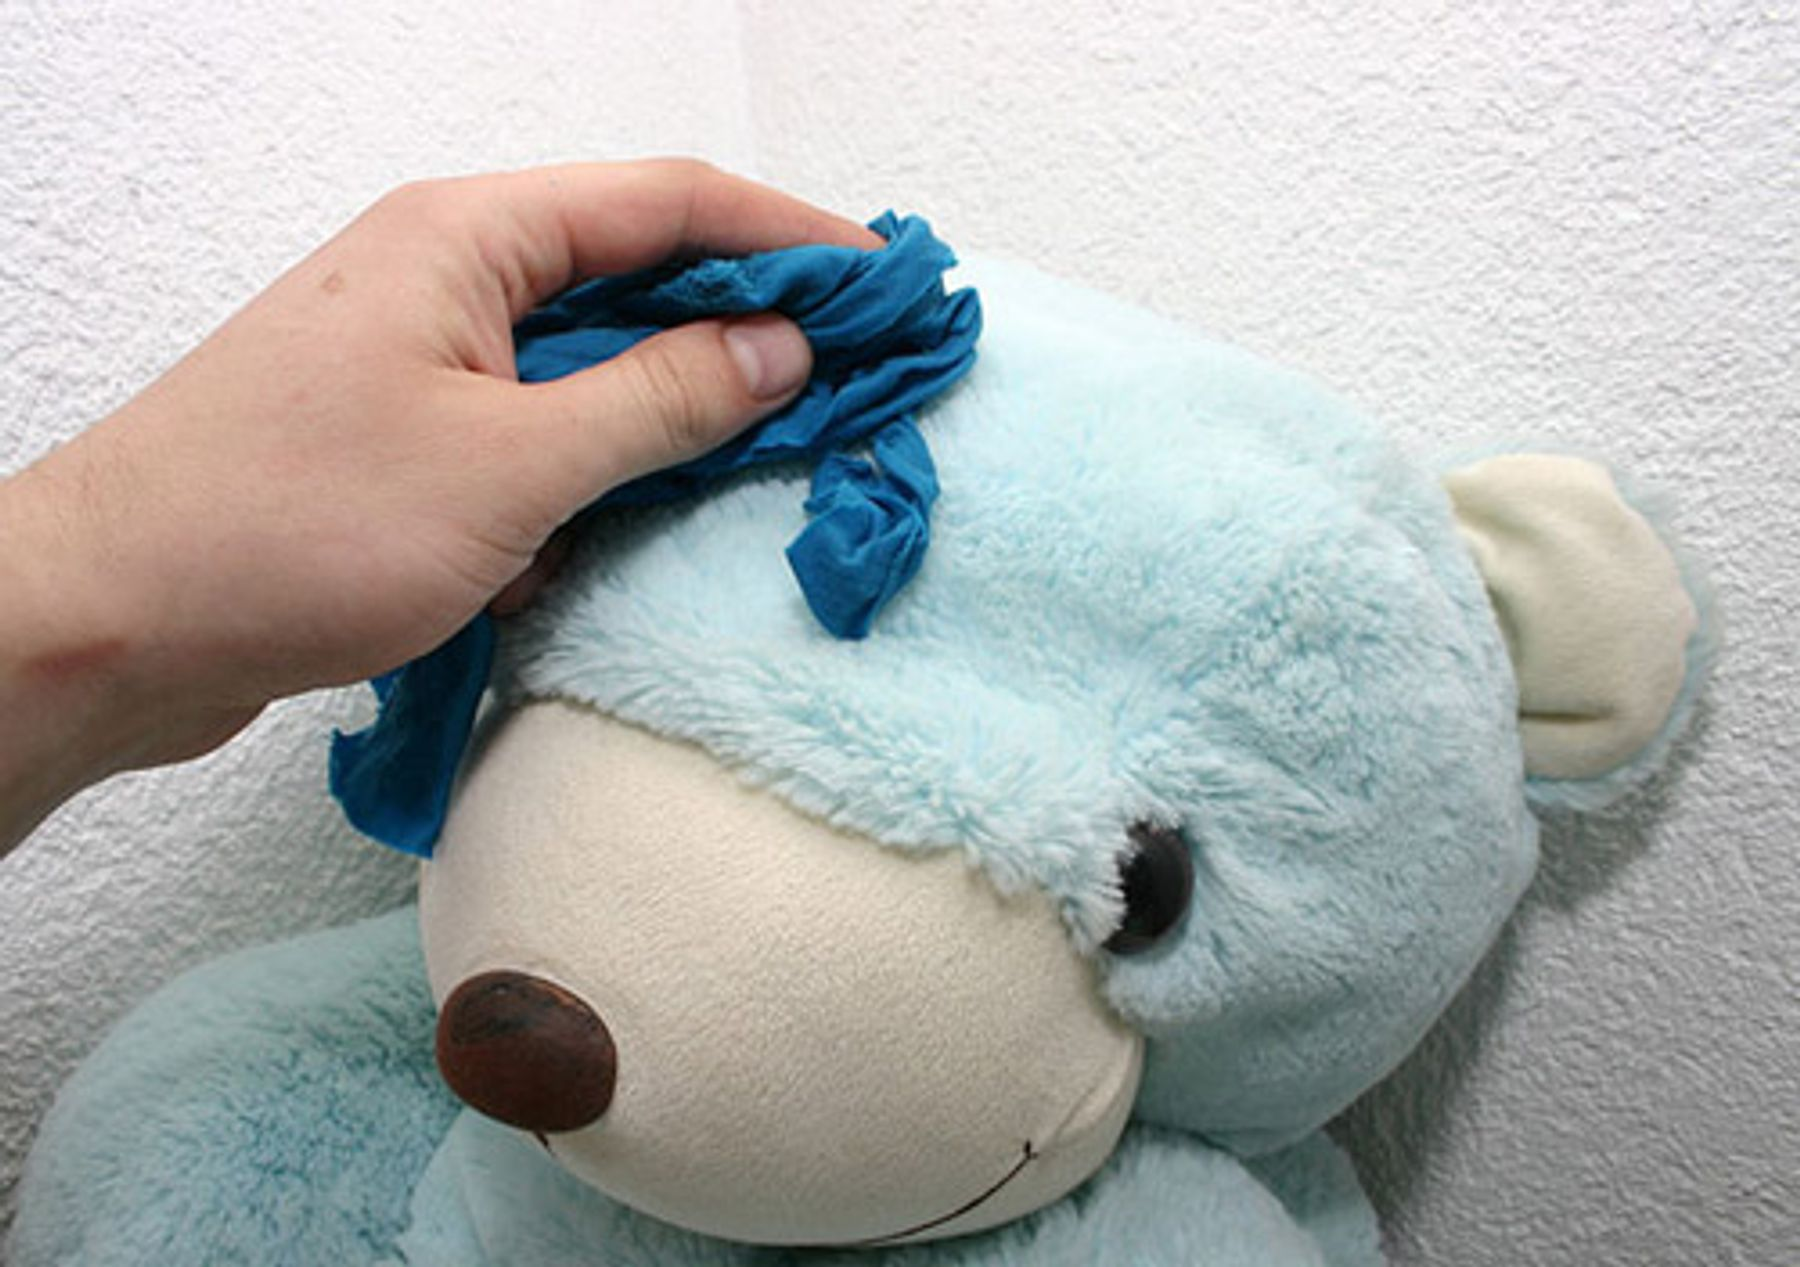 Step 2: Cách giặt gấu bông tại nhà bằng tay